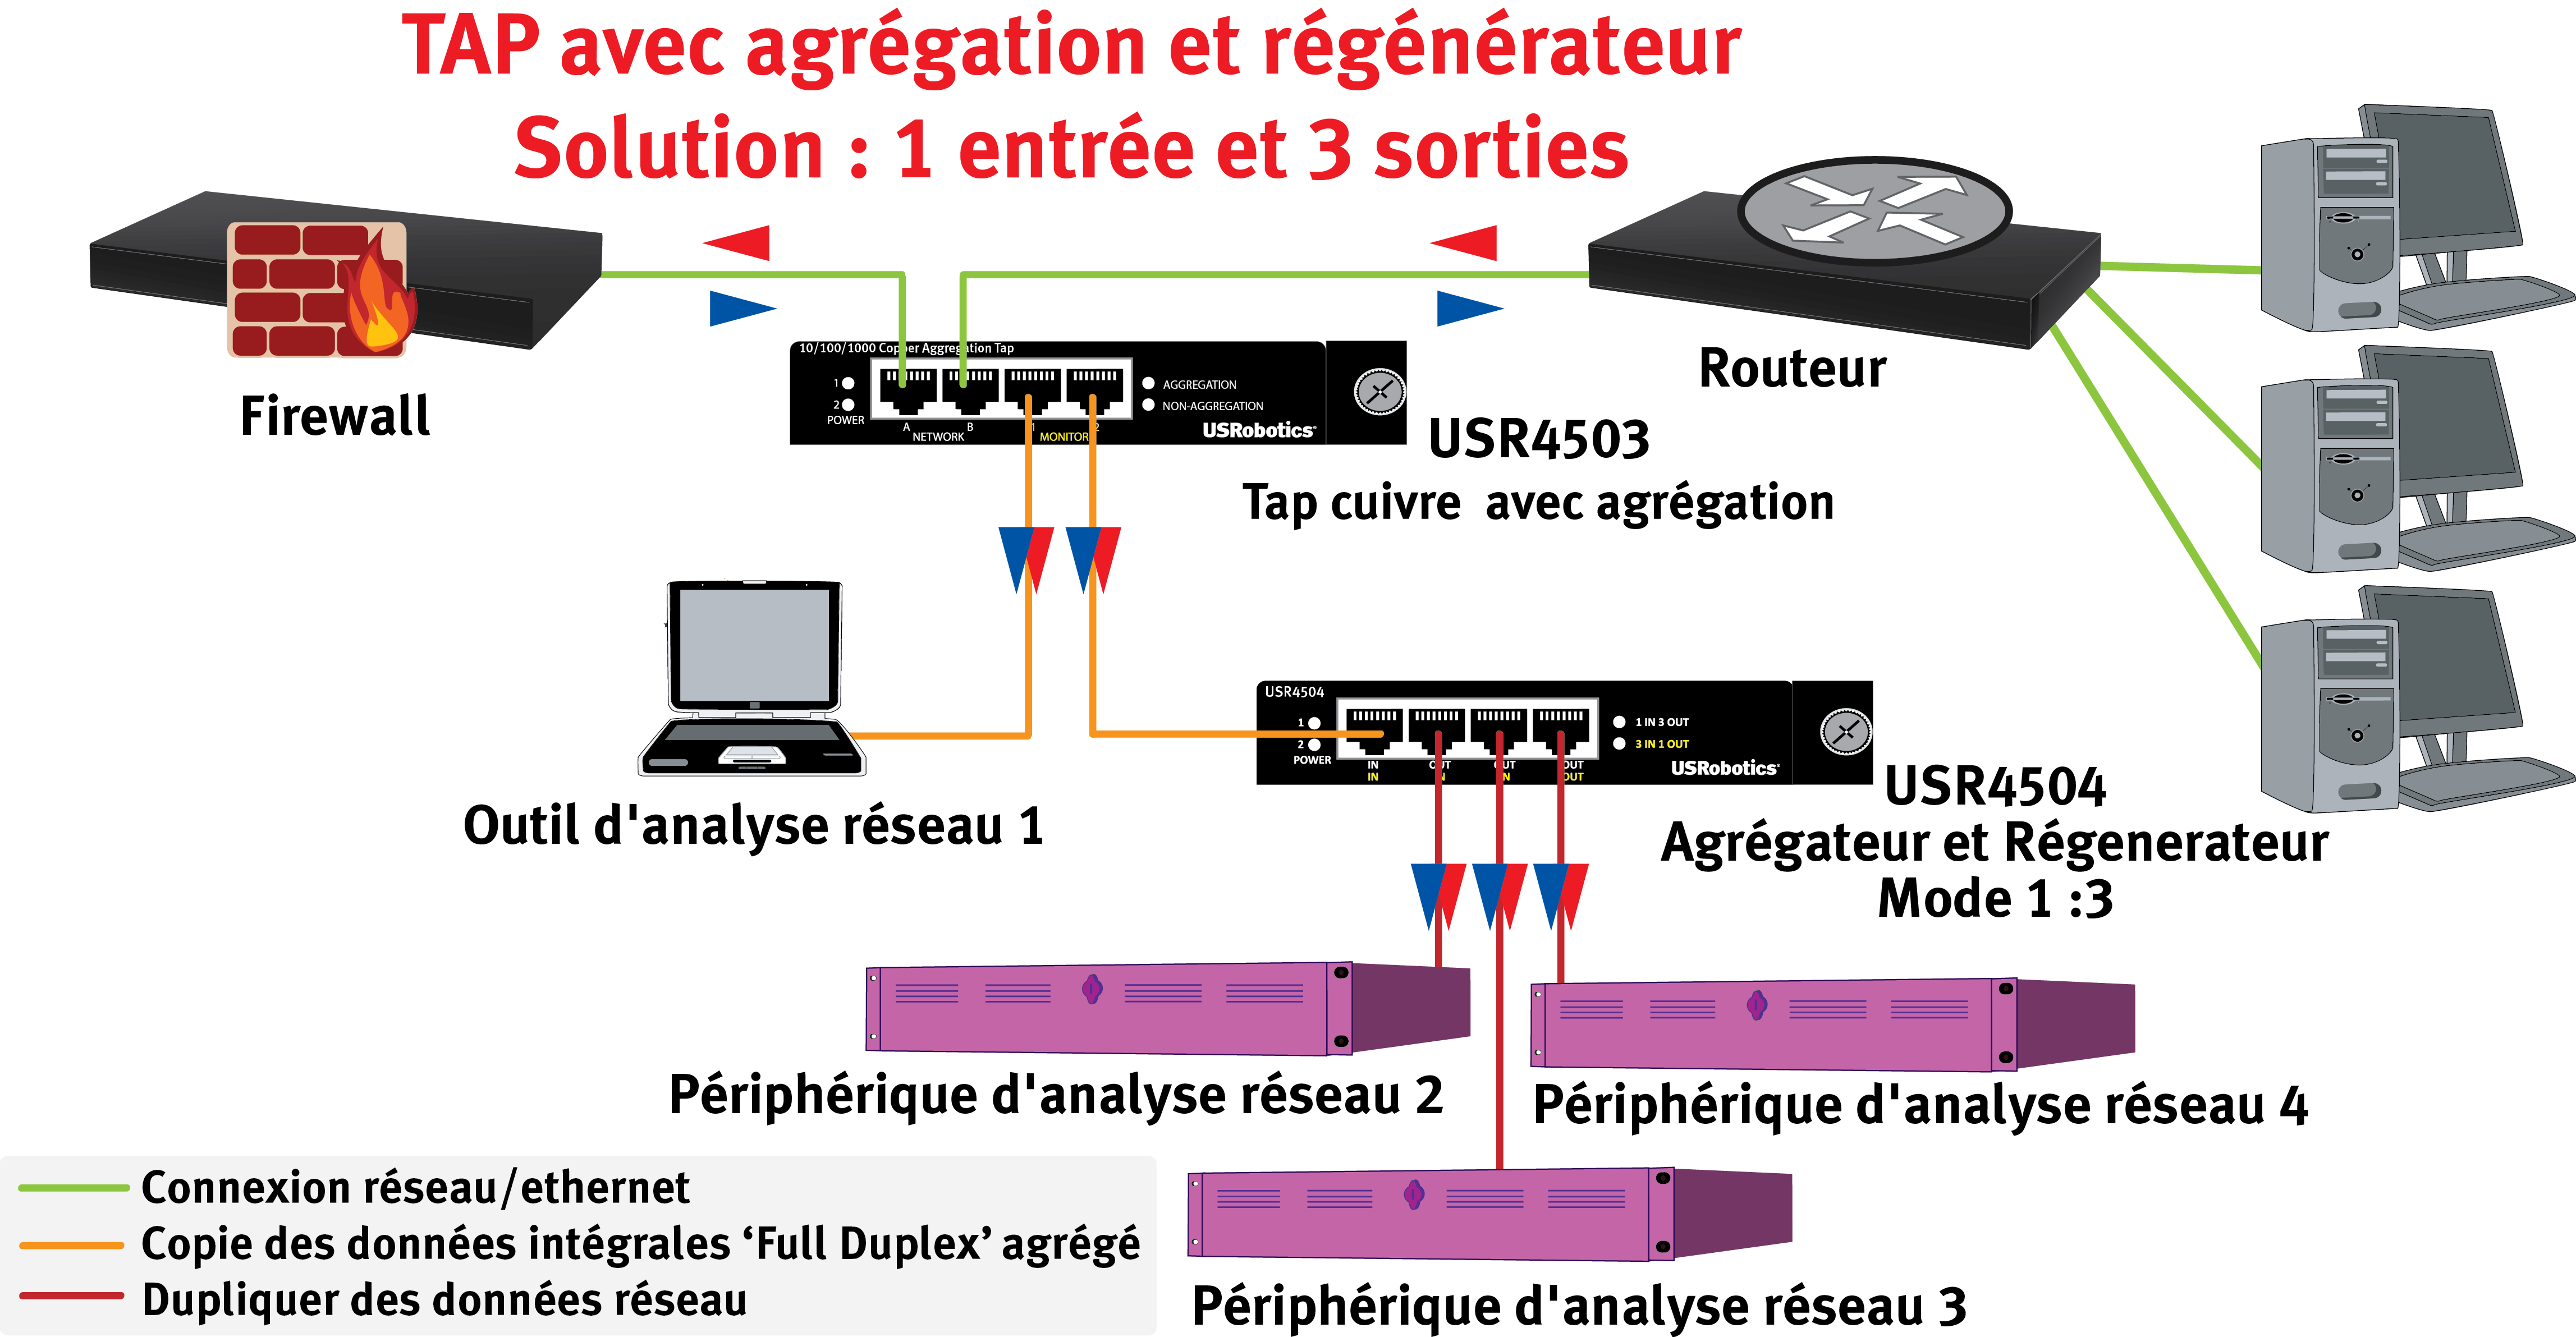 USR ROBOTICS TAP Agrégateur & régénérateur variable